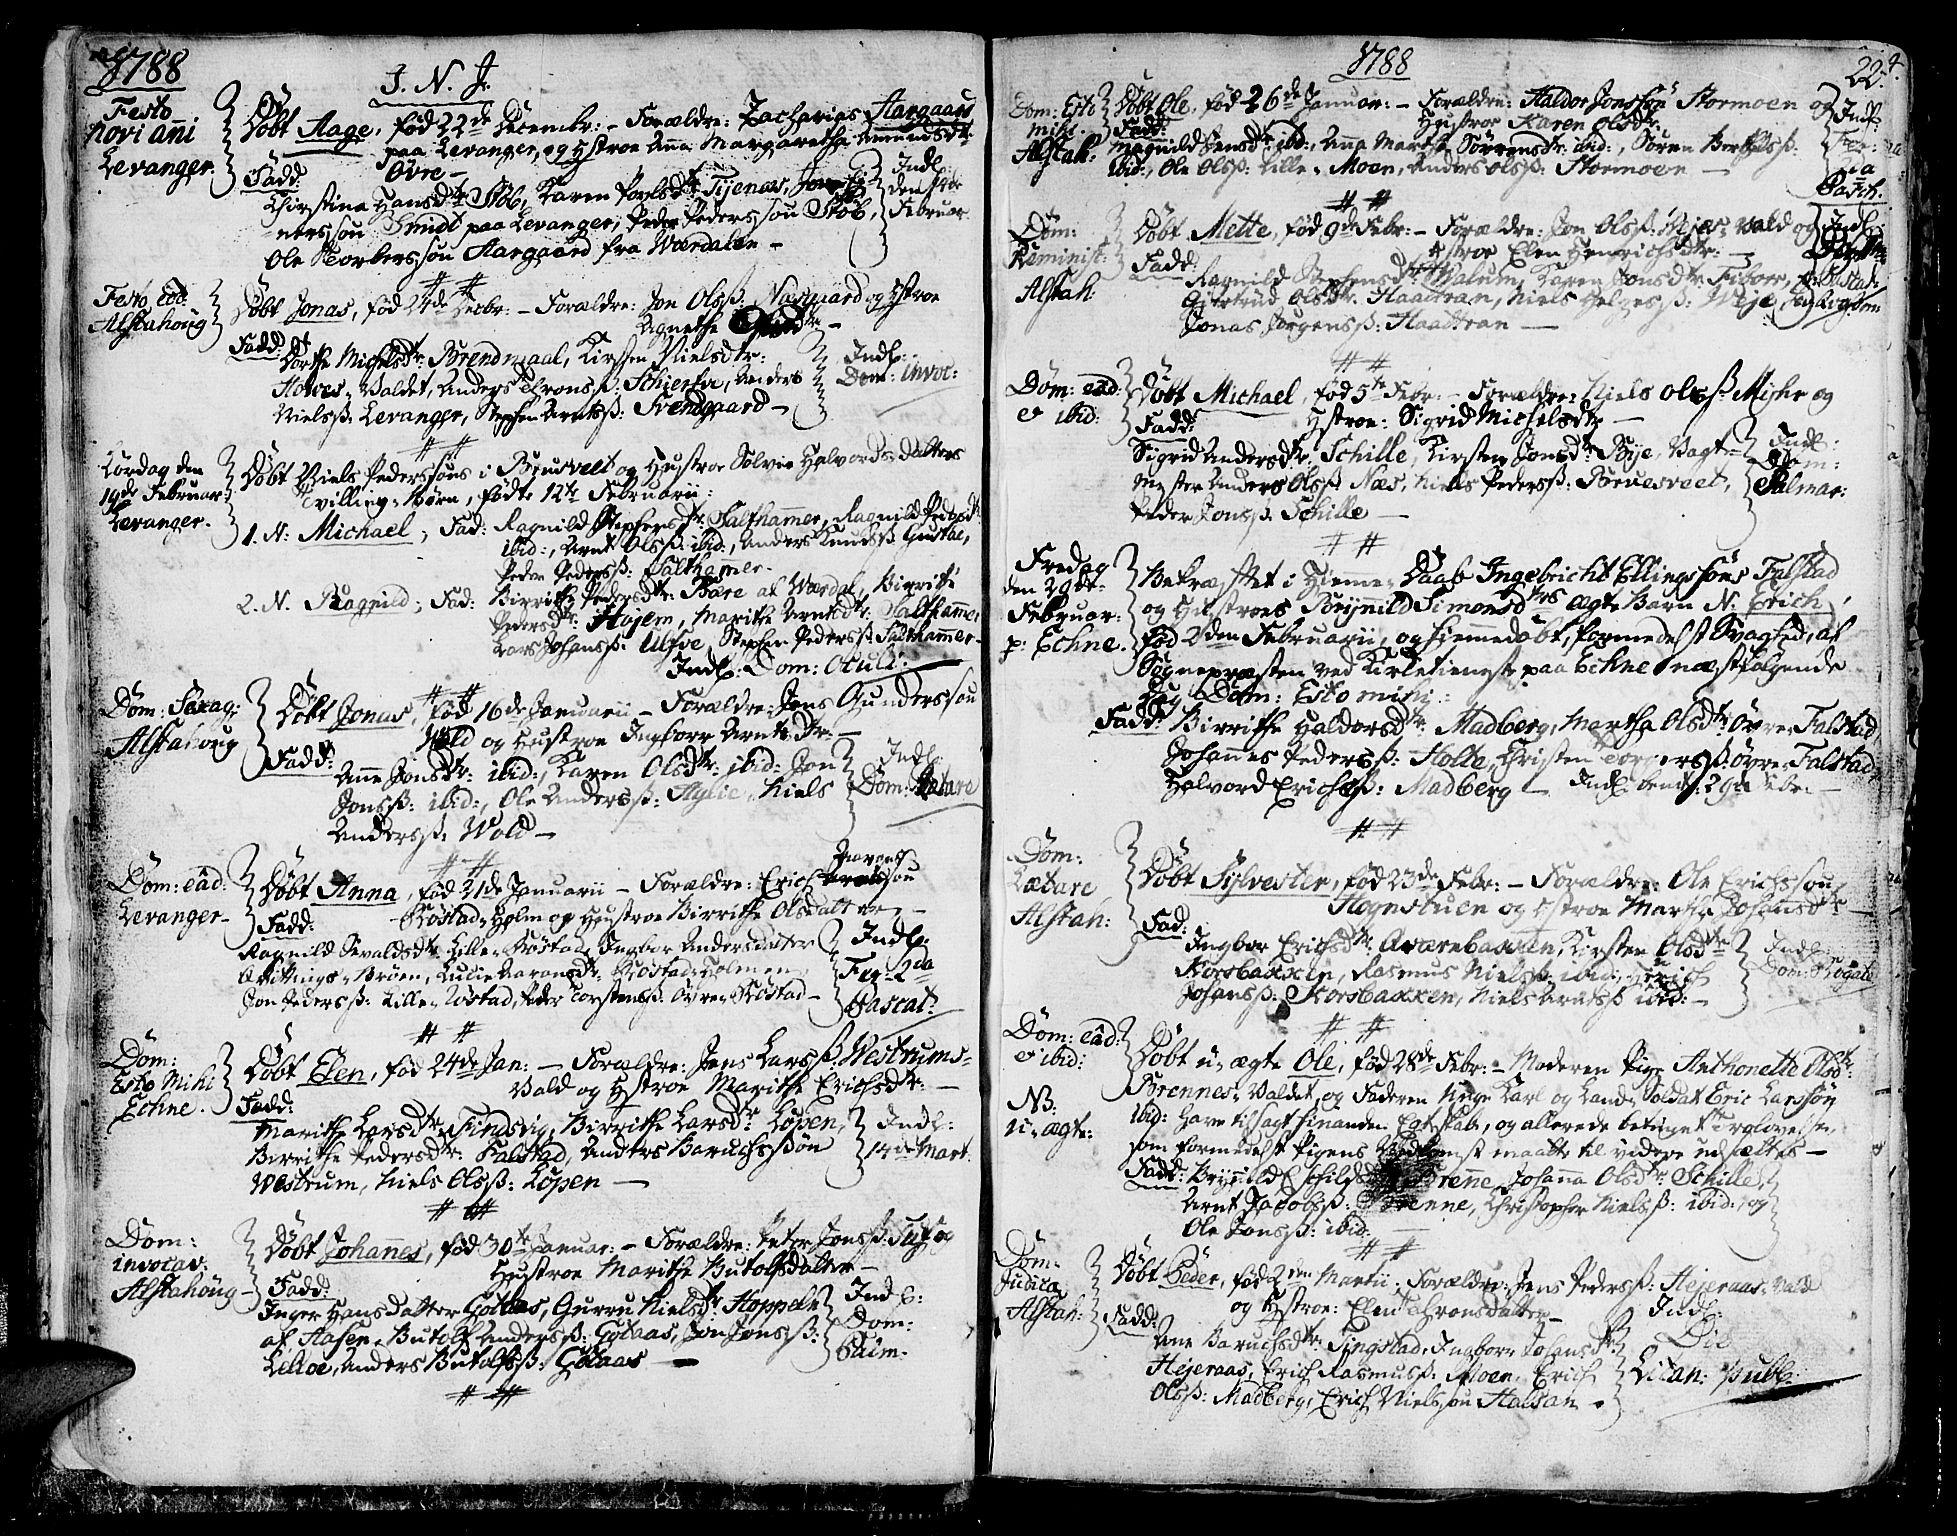 SAT, Ministerialprotokoller, klokkerbøker og fødselsregistre - Nord-Trøndelag, 717/L0142: Ministerialbok nr. 717A02 /1, 1783-1809, s. 22